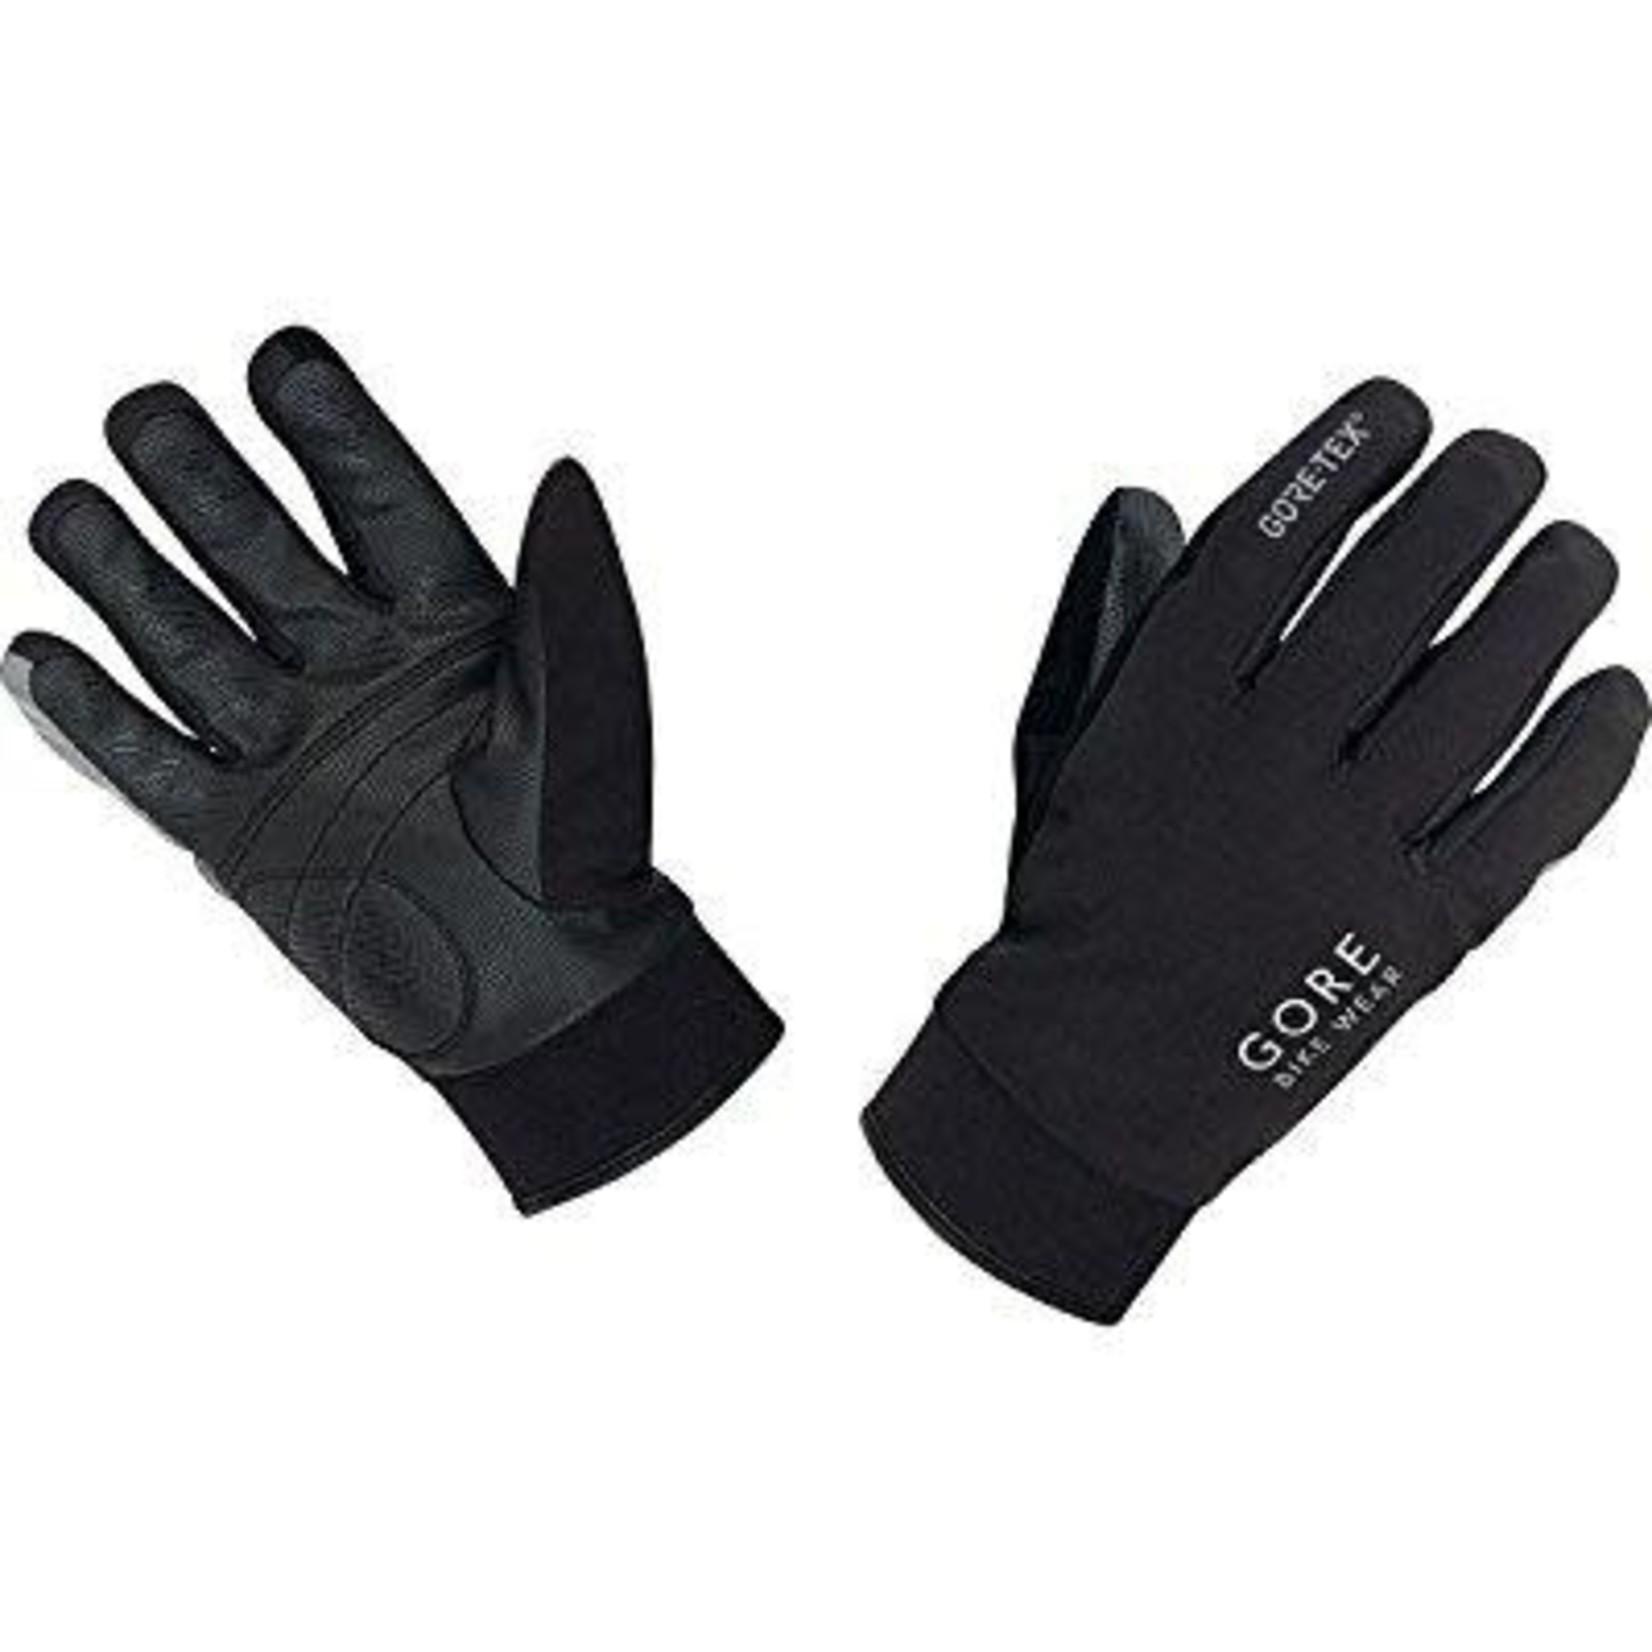 Gore Gore Universal Gore-tex Thermo Glove BLK